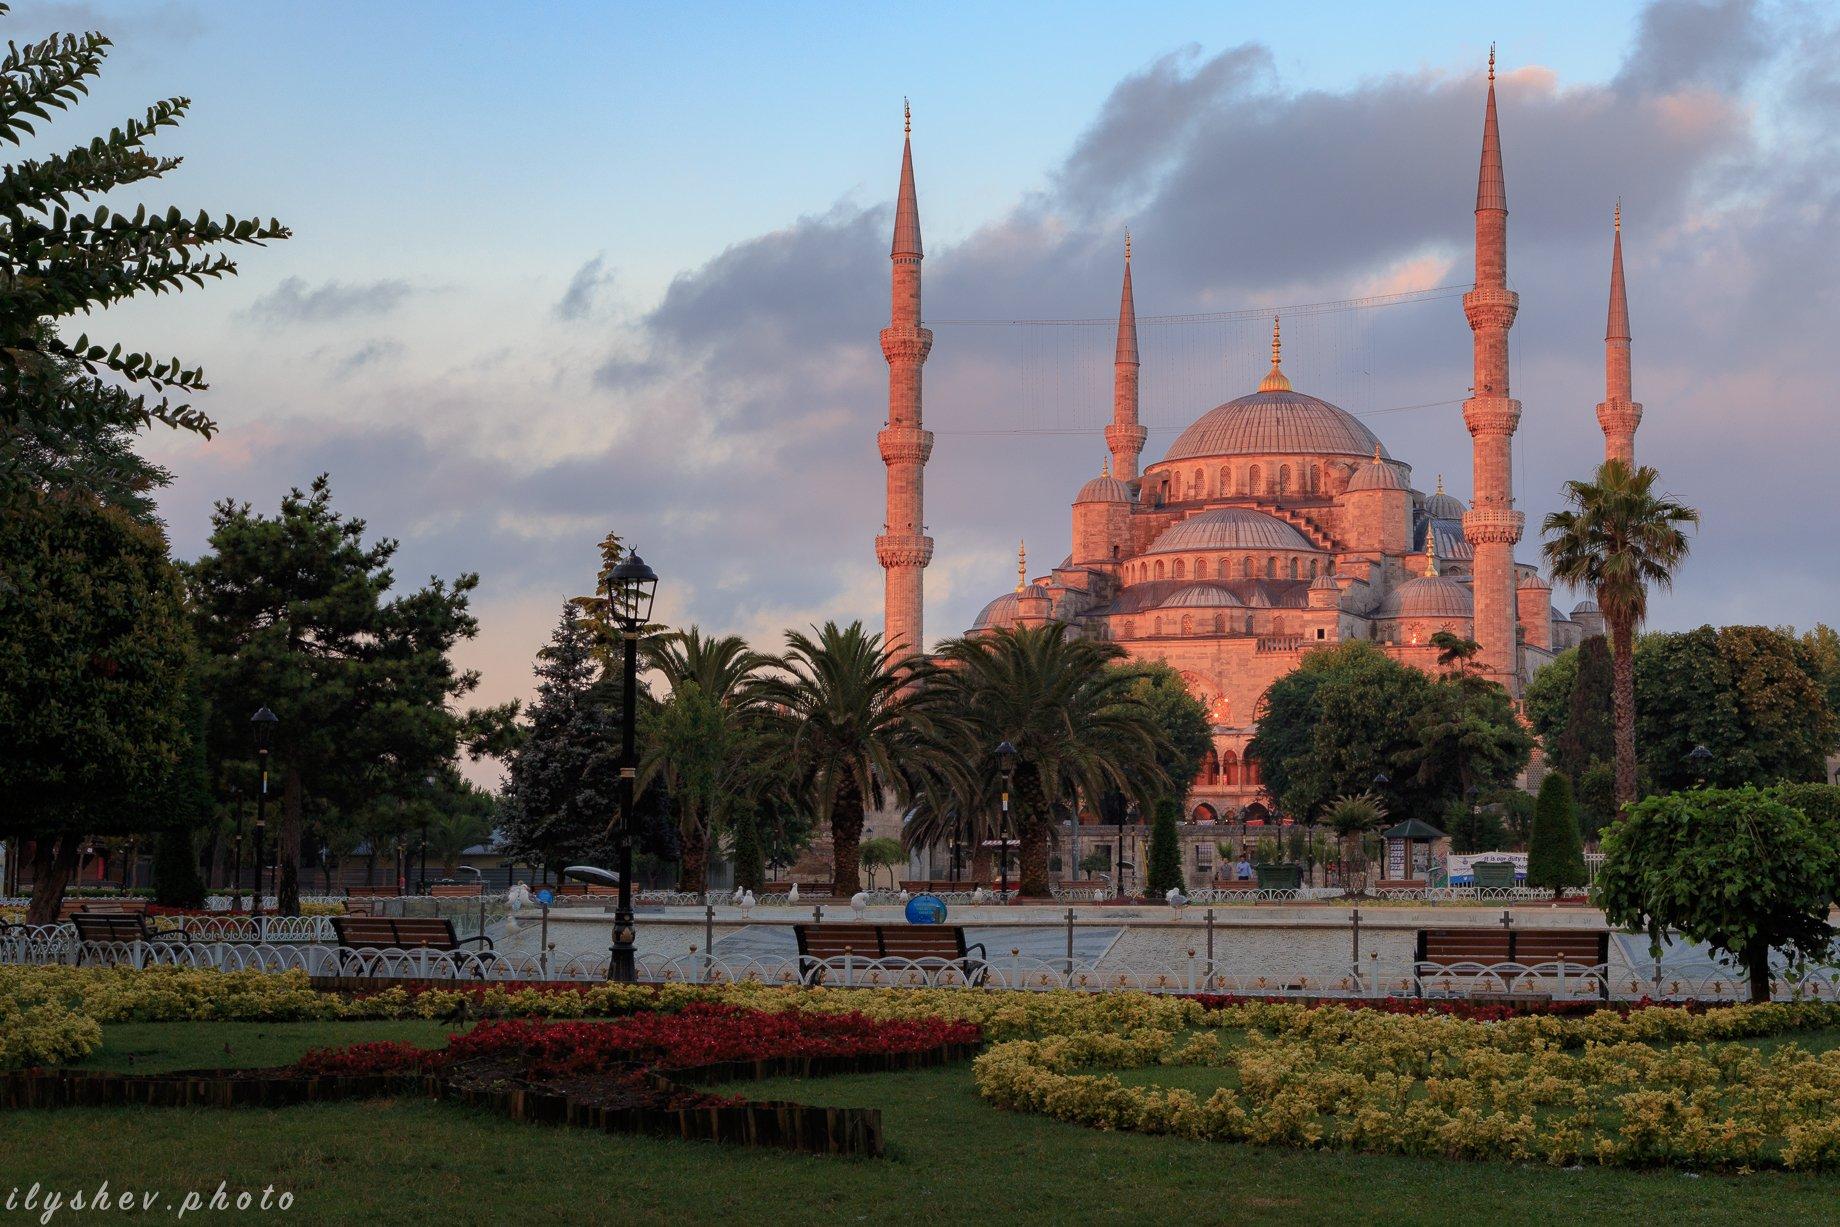 турция, стамбул, голубая мечеть, путешествия, утро, рассвет, Дмитрий Илышев (ilyshev.photo)